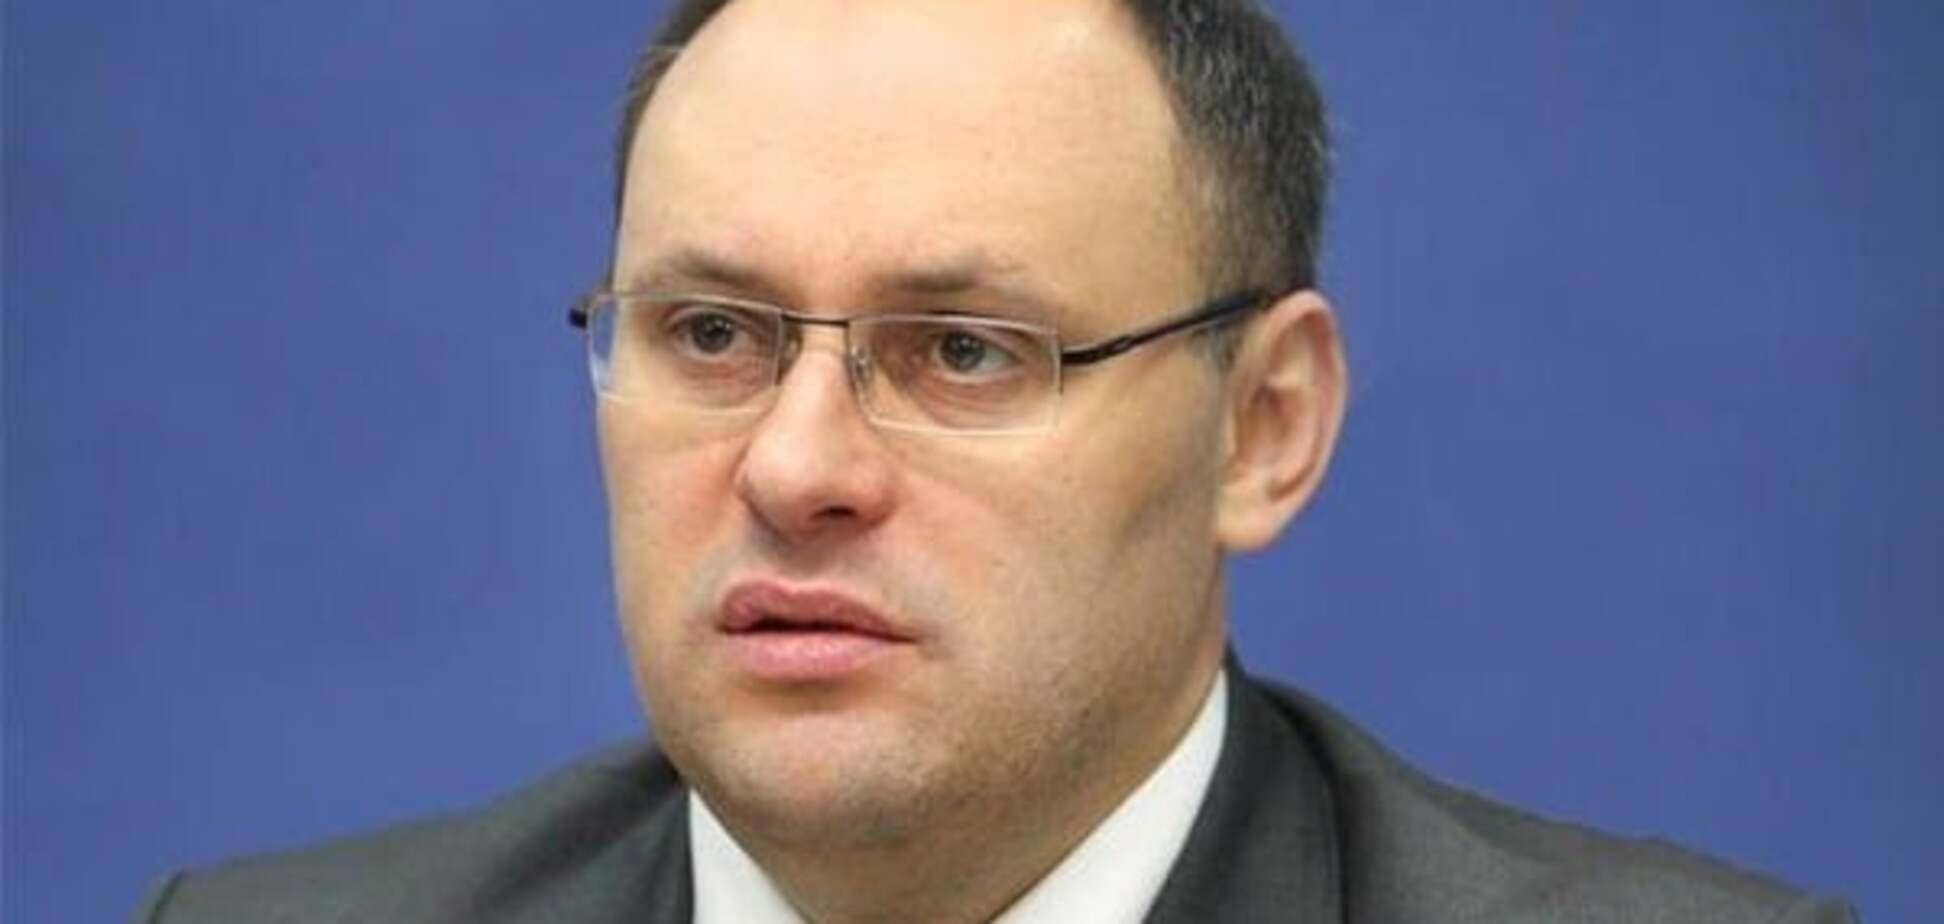 Вторая попытка: Каськива задержали в Панаме - Луценко